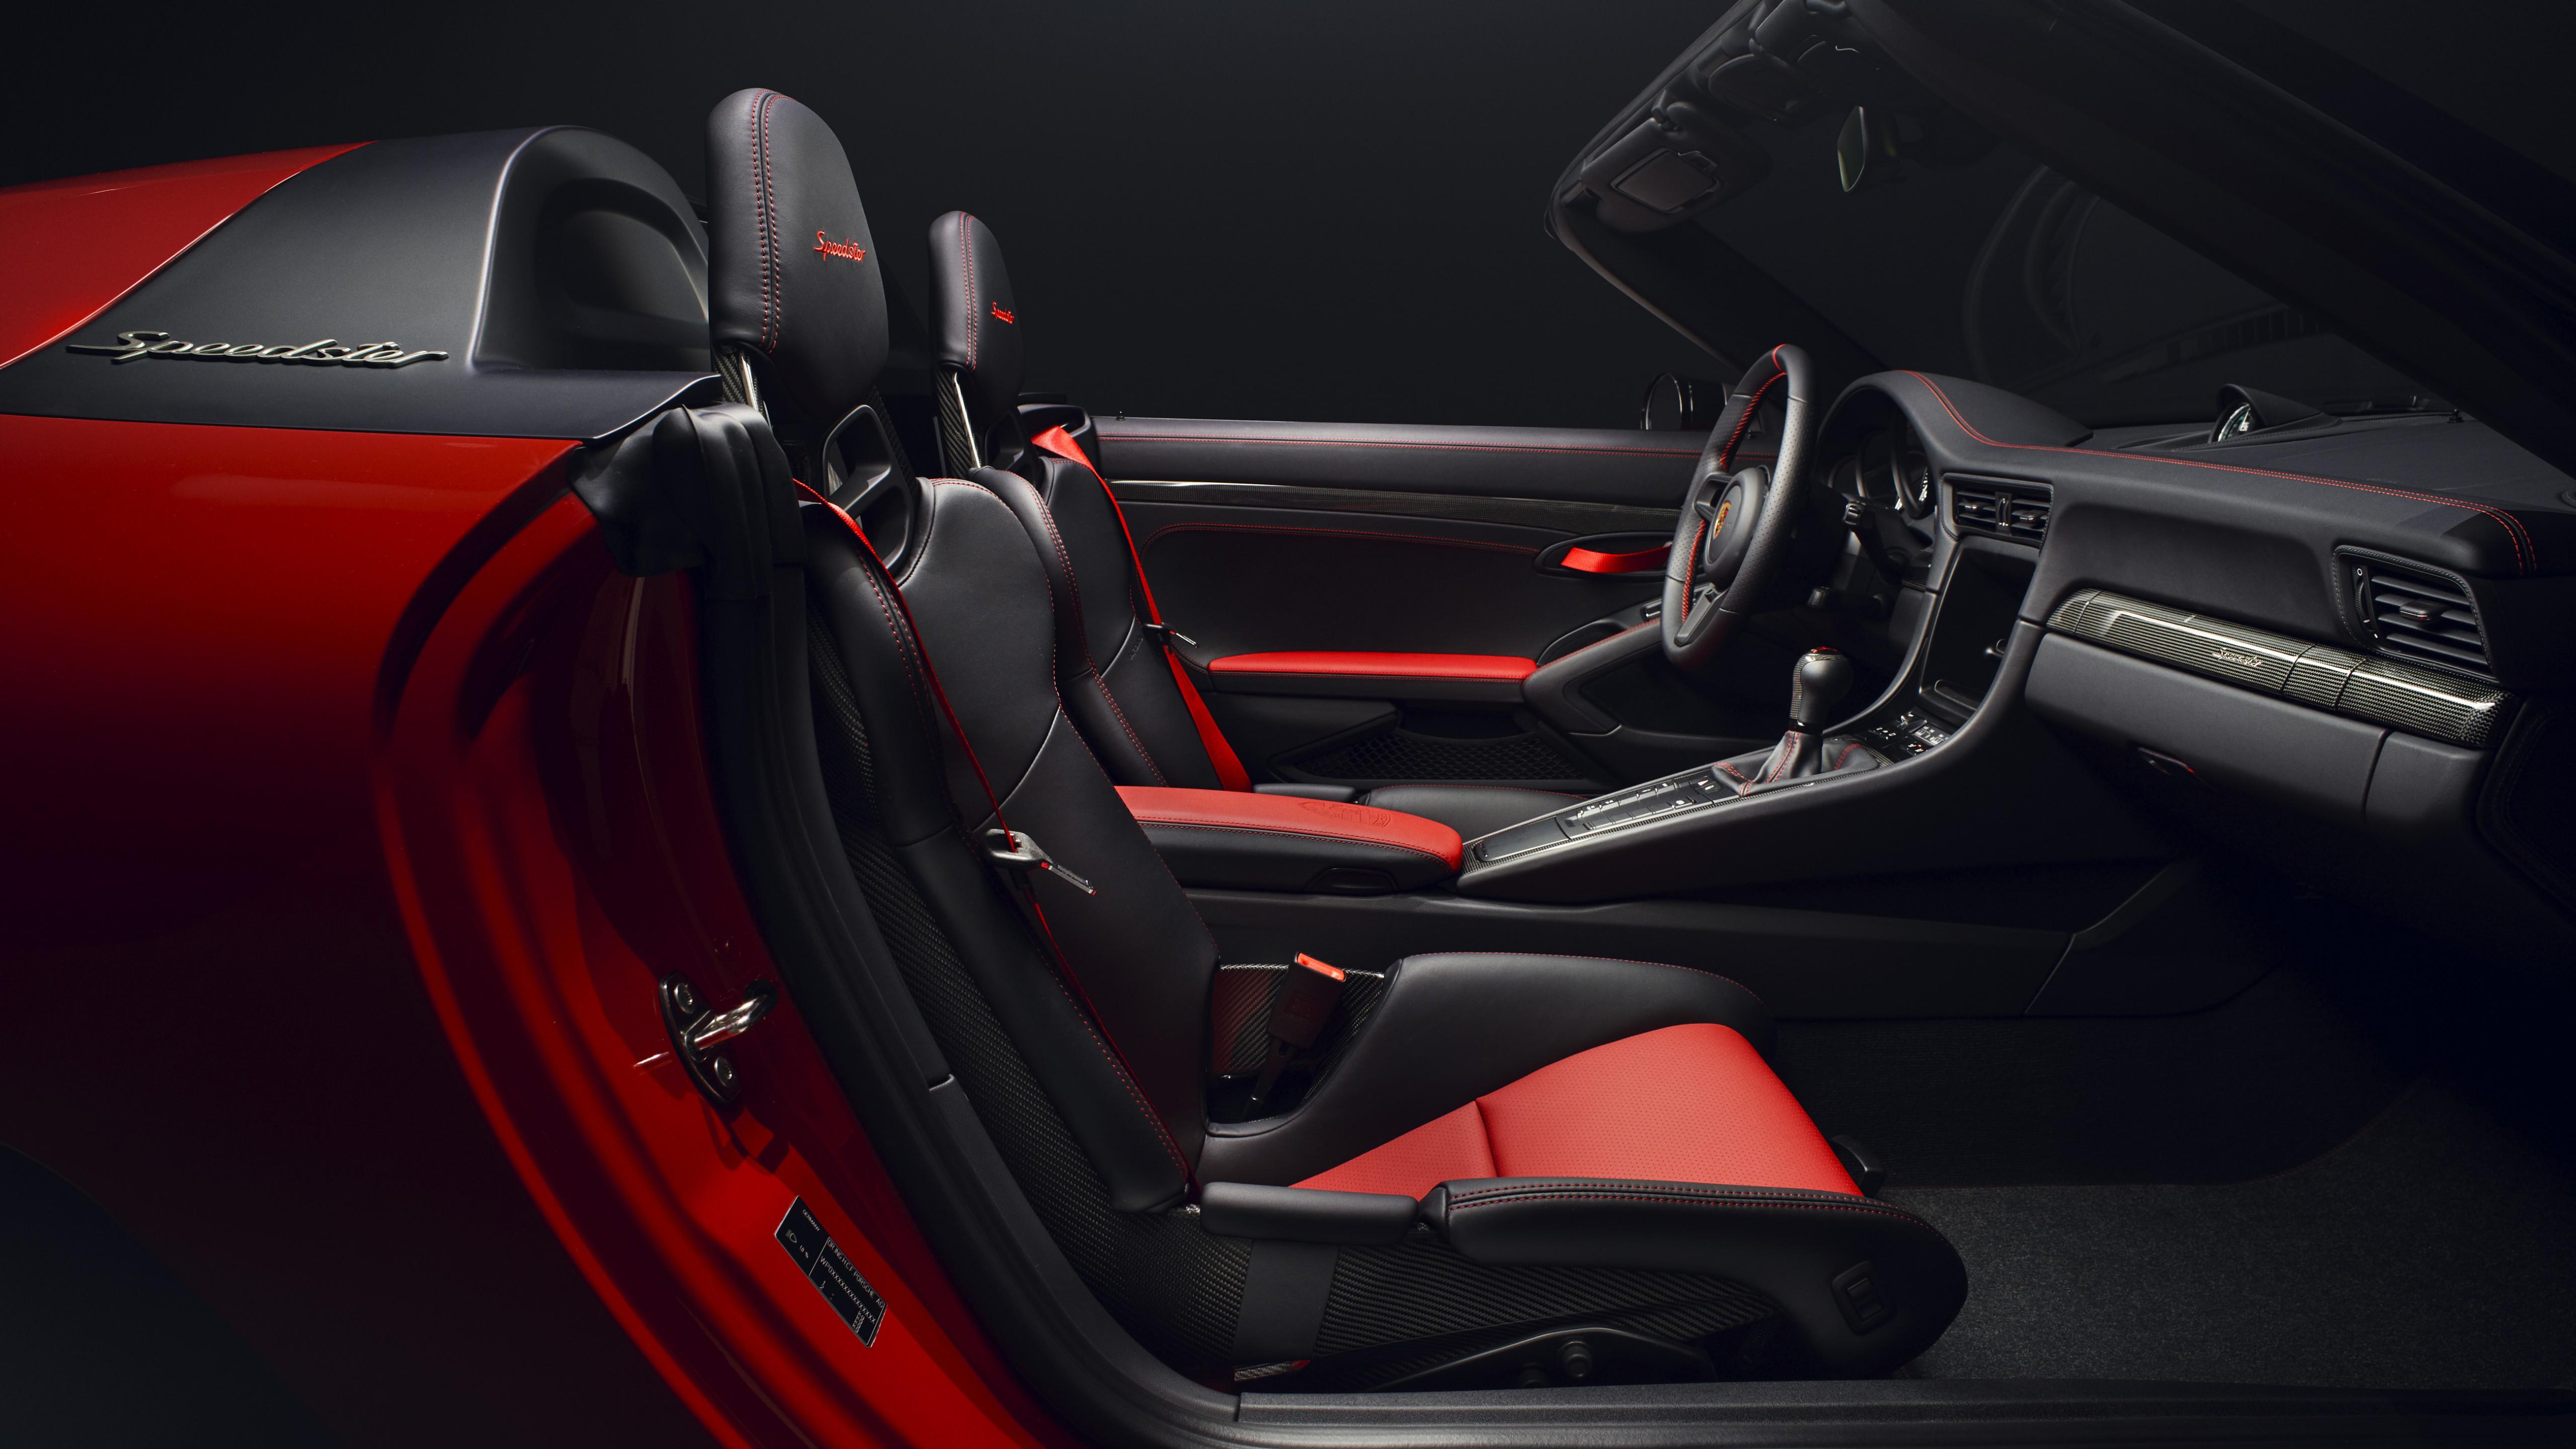 Fondos de pantalla Porsche 911 Speedster Rojo